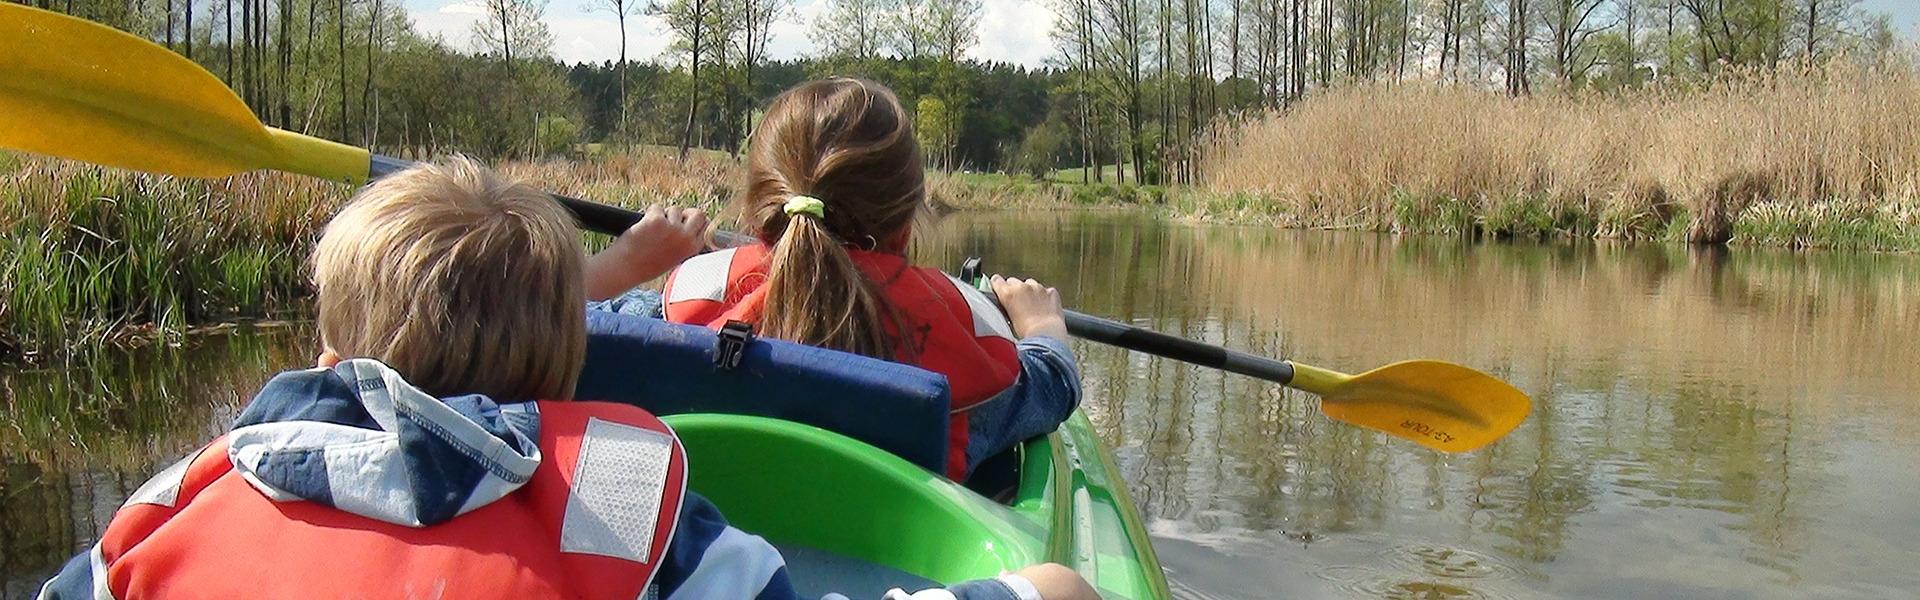 Niños en kayak